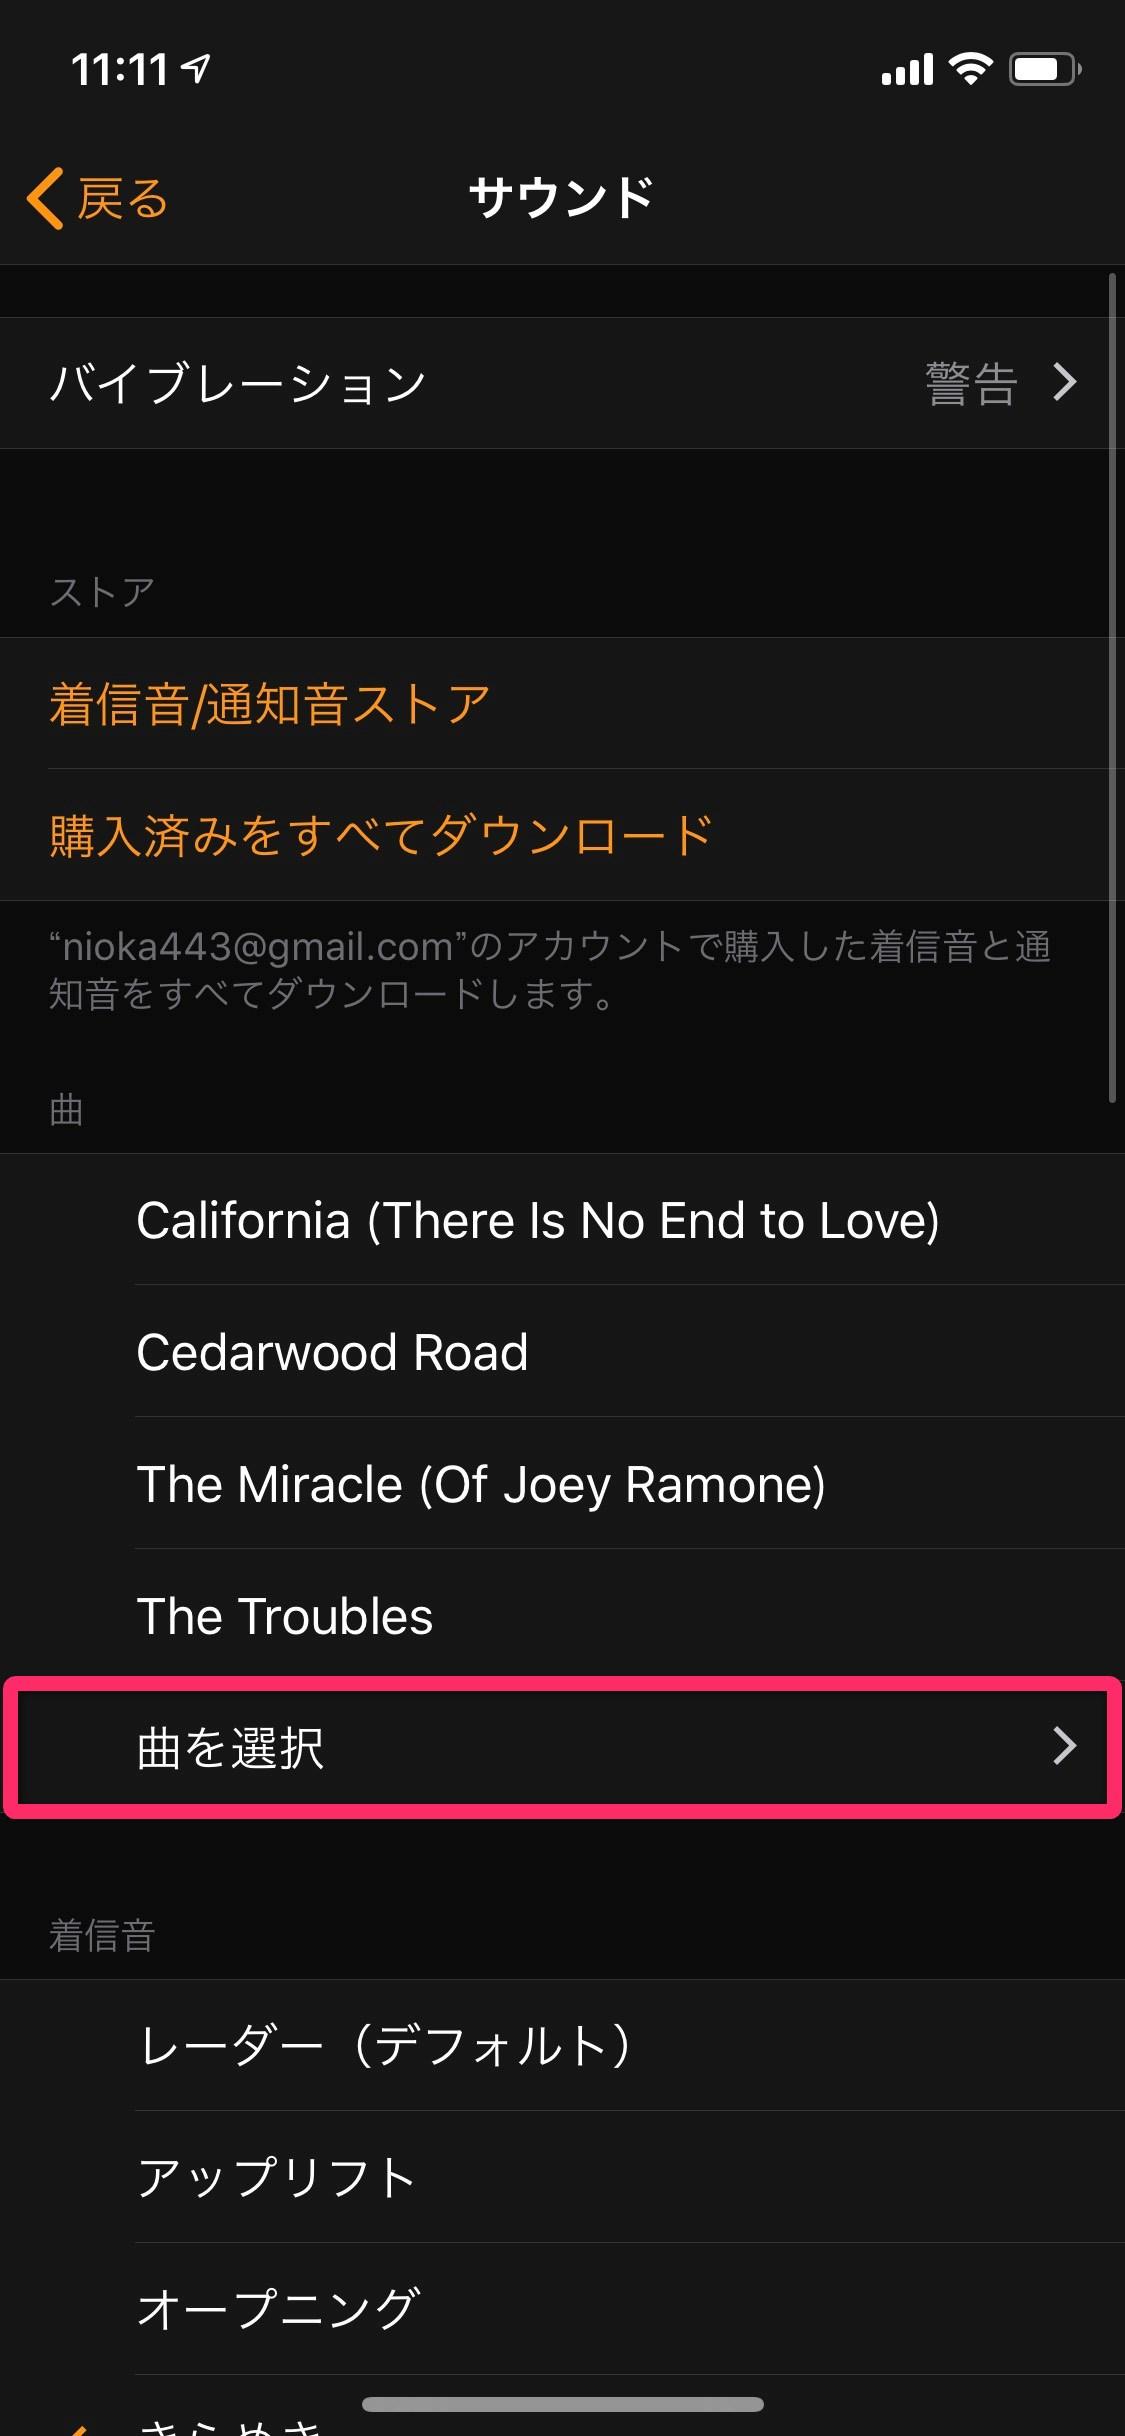 「曲を選択」と表示されているエリアを探してタップ